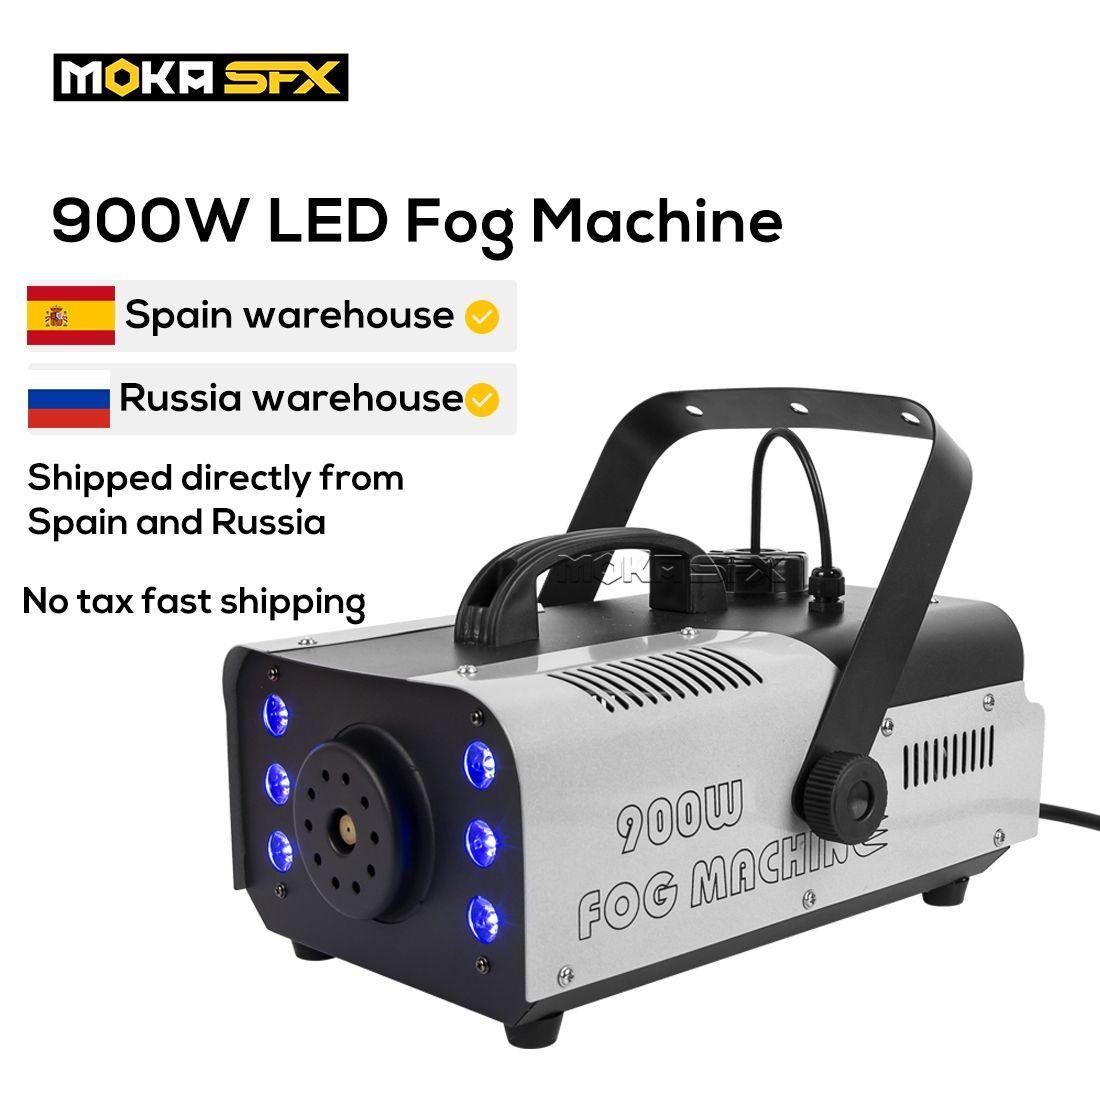 MOKA 900W Led Macchina per fumo Controllo della macchina per la nebbia Professional DJ Attrezzature per club Pub Stage Party Effetti speciali